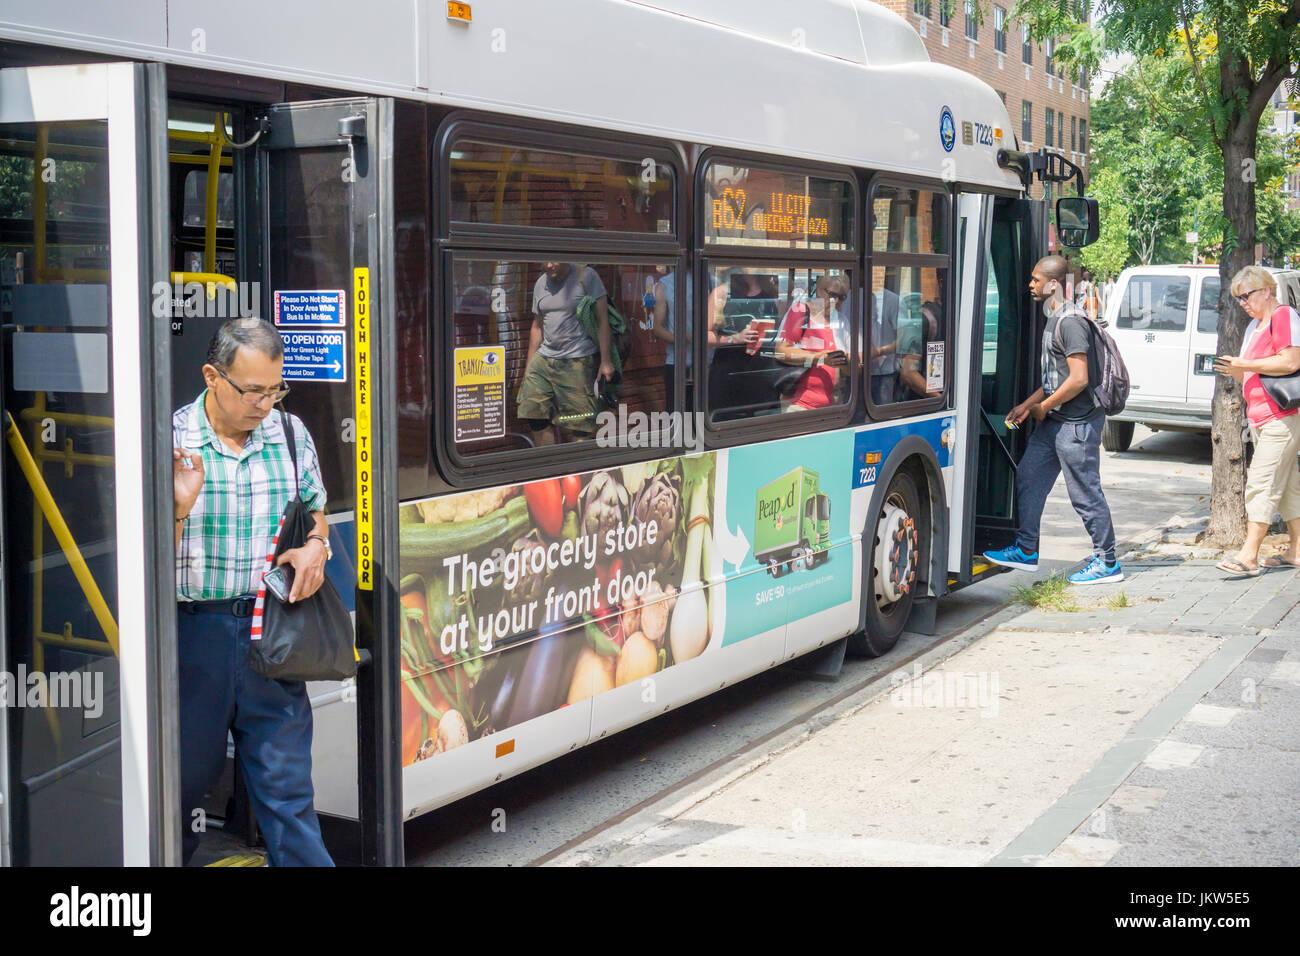 f48a7c147 Embarque de pasajeros y partirá un bus MTA en Nueva York con un anuncio  para el servicio de entrega de alimentos Peapod el sábado